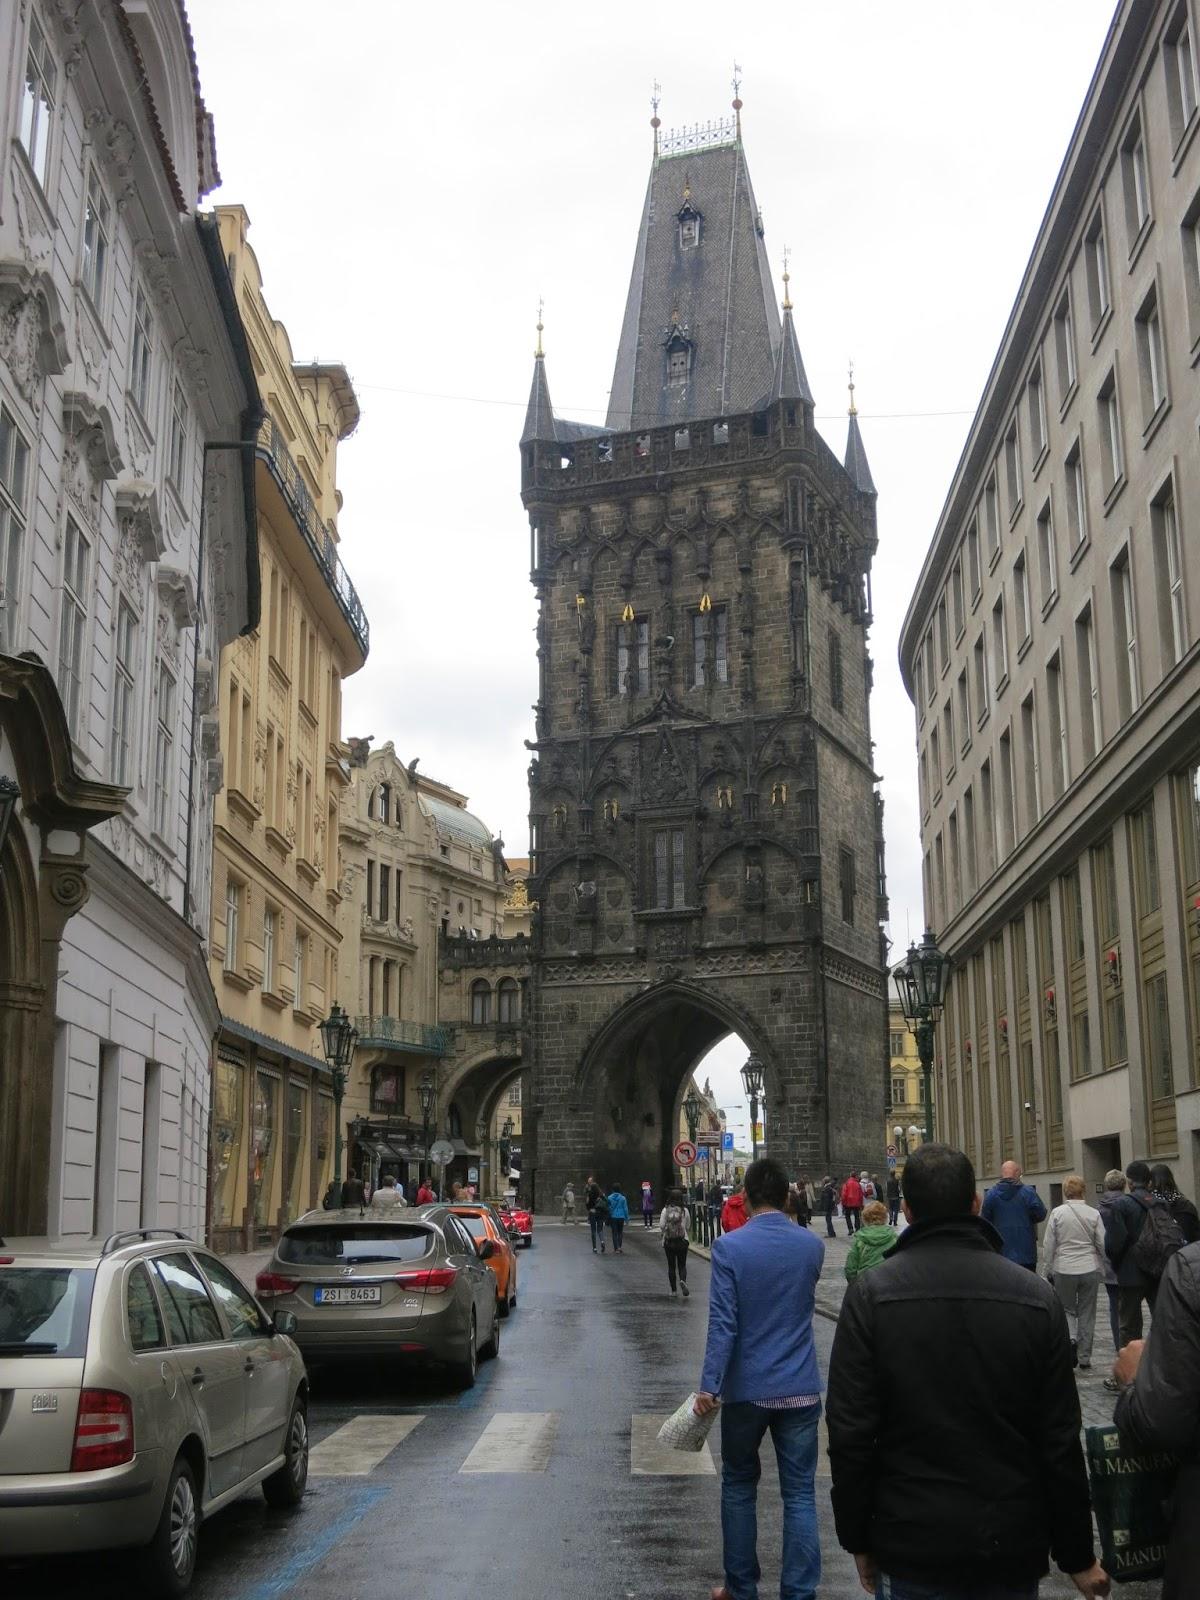 Viikonloppu Prahassa